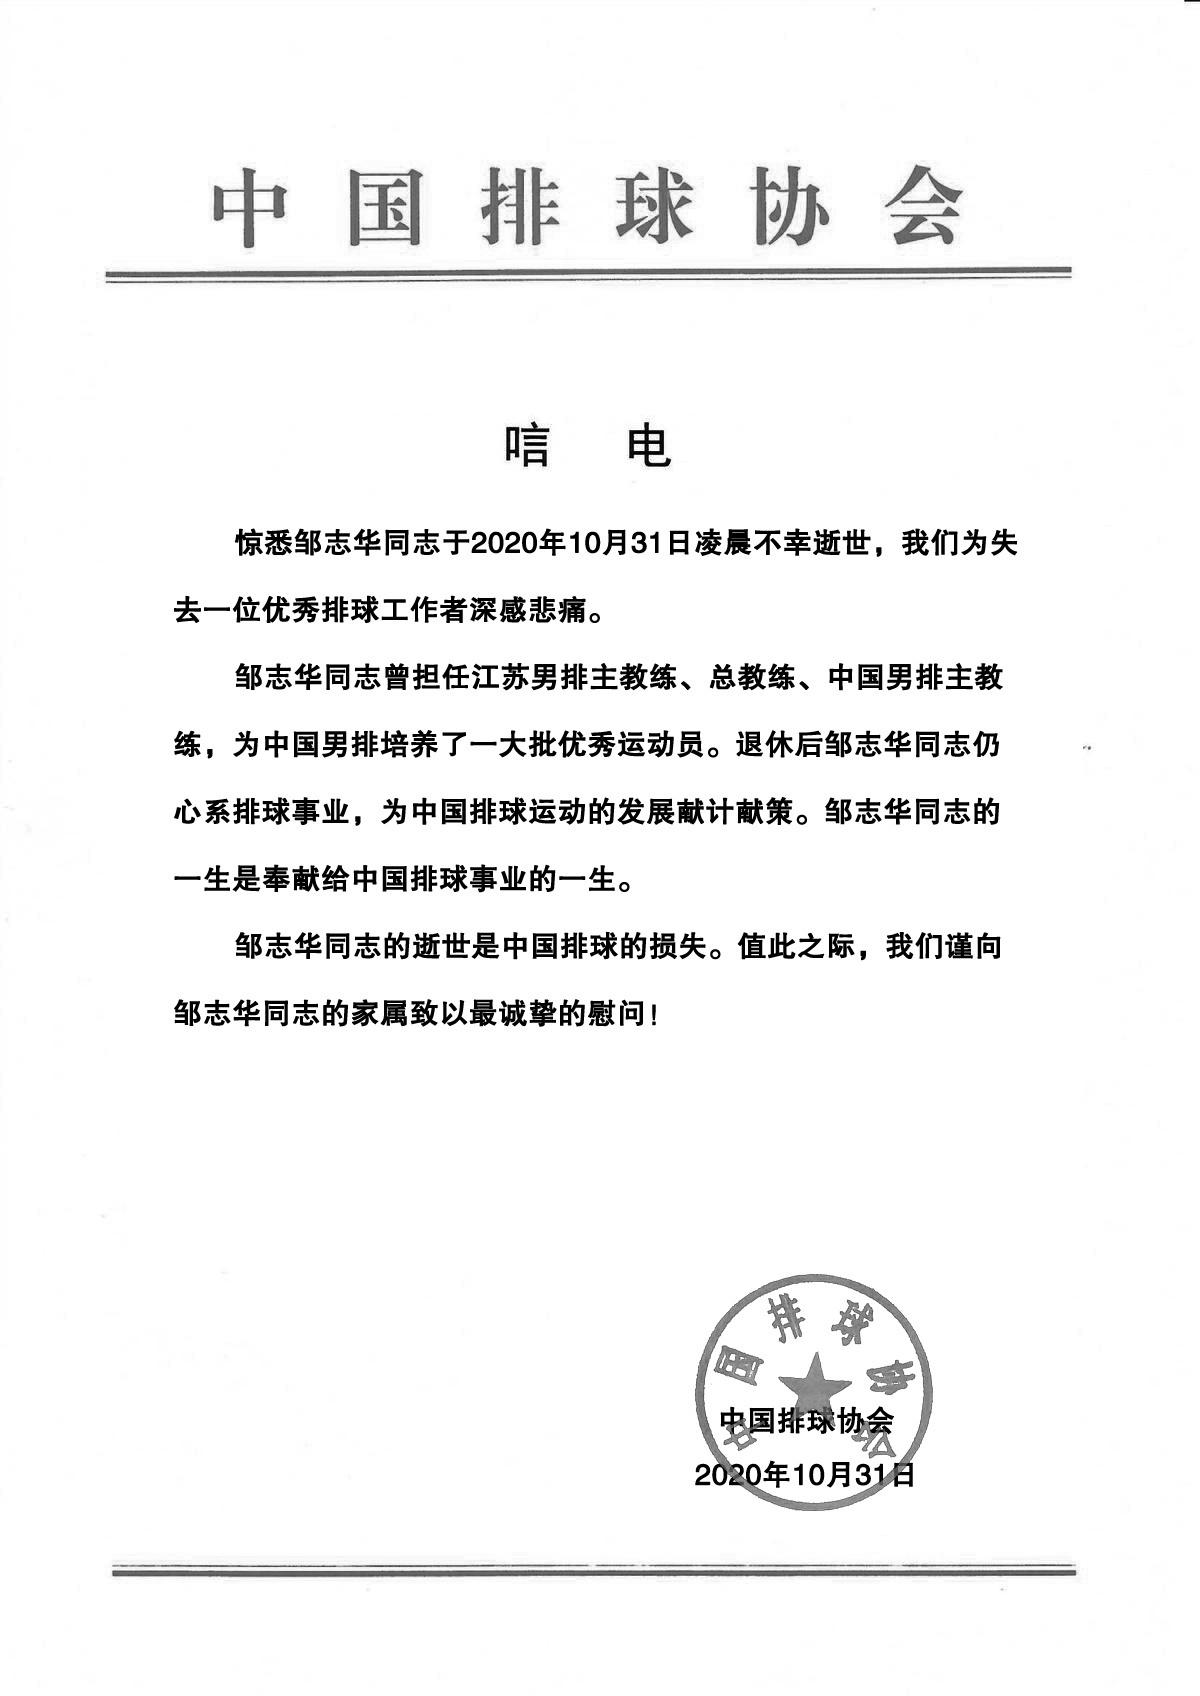 中国男排前主帅邹志华离世,曾率队首次征战奥运会图片